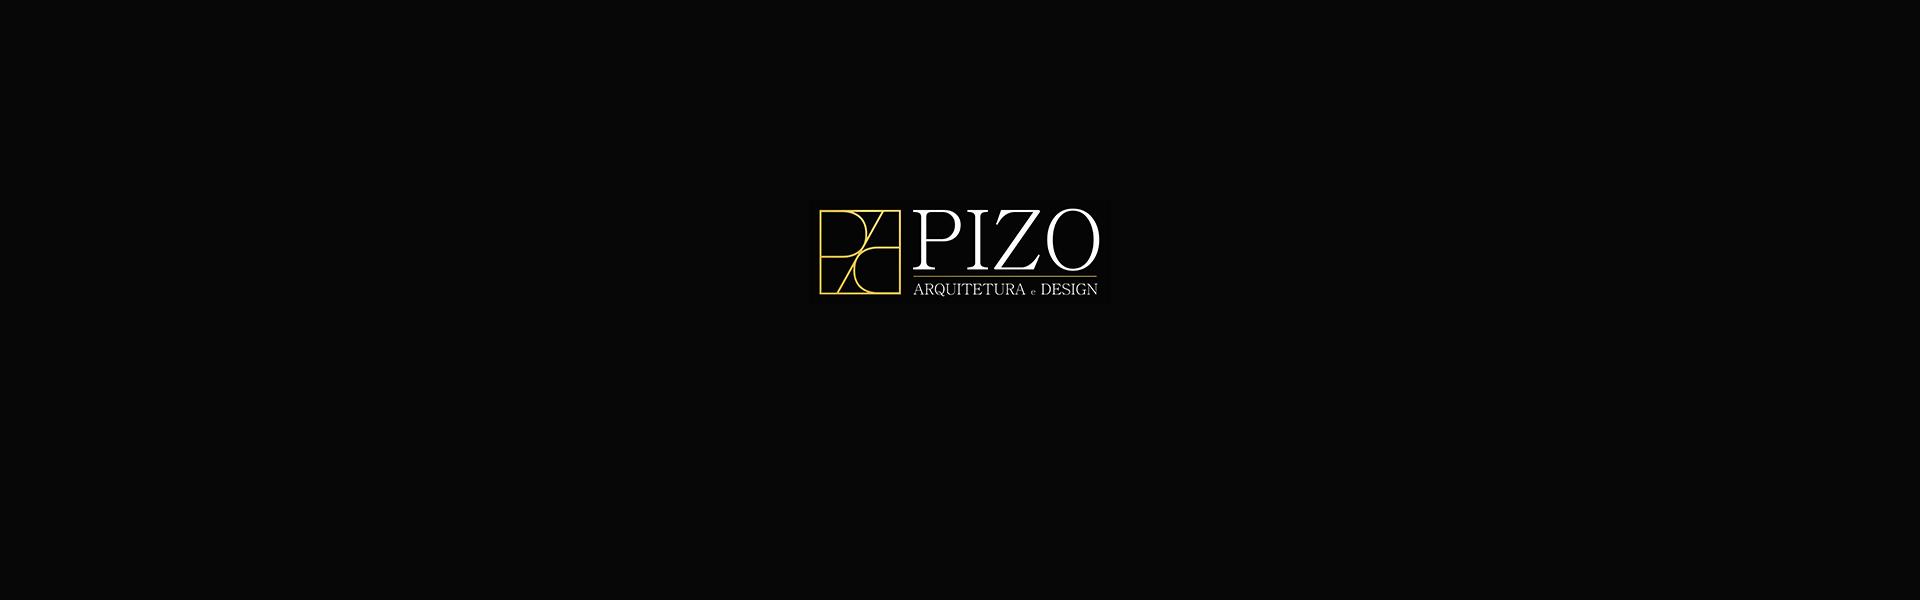 Sobre Pizo | Arquitetura e Design